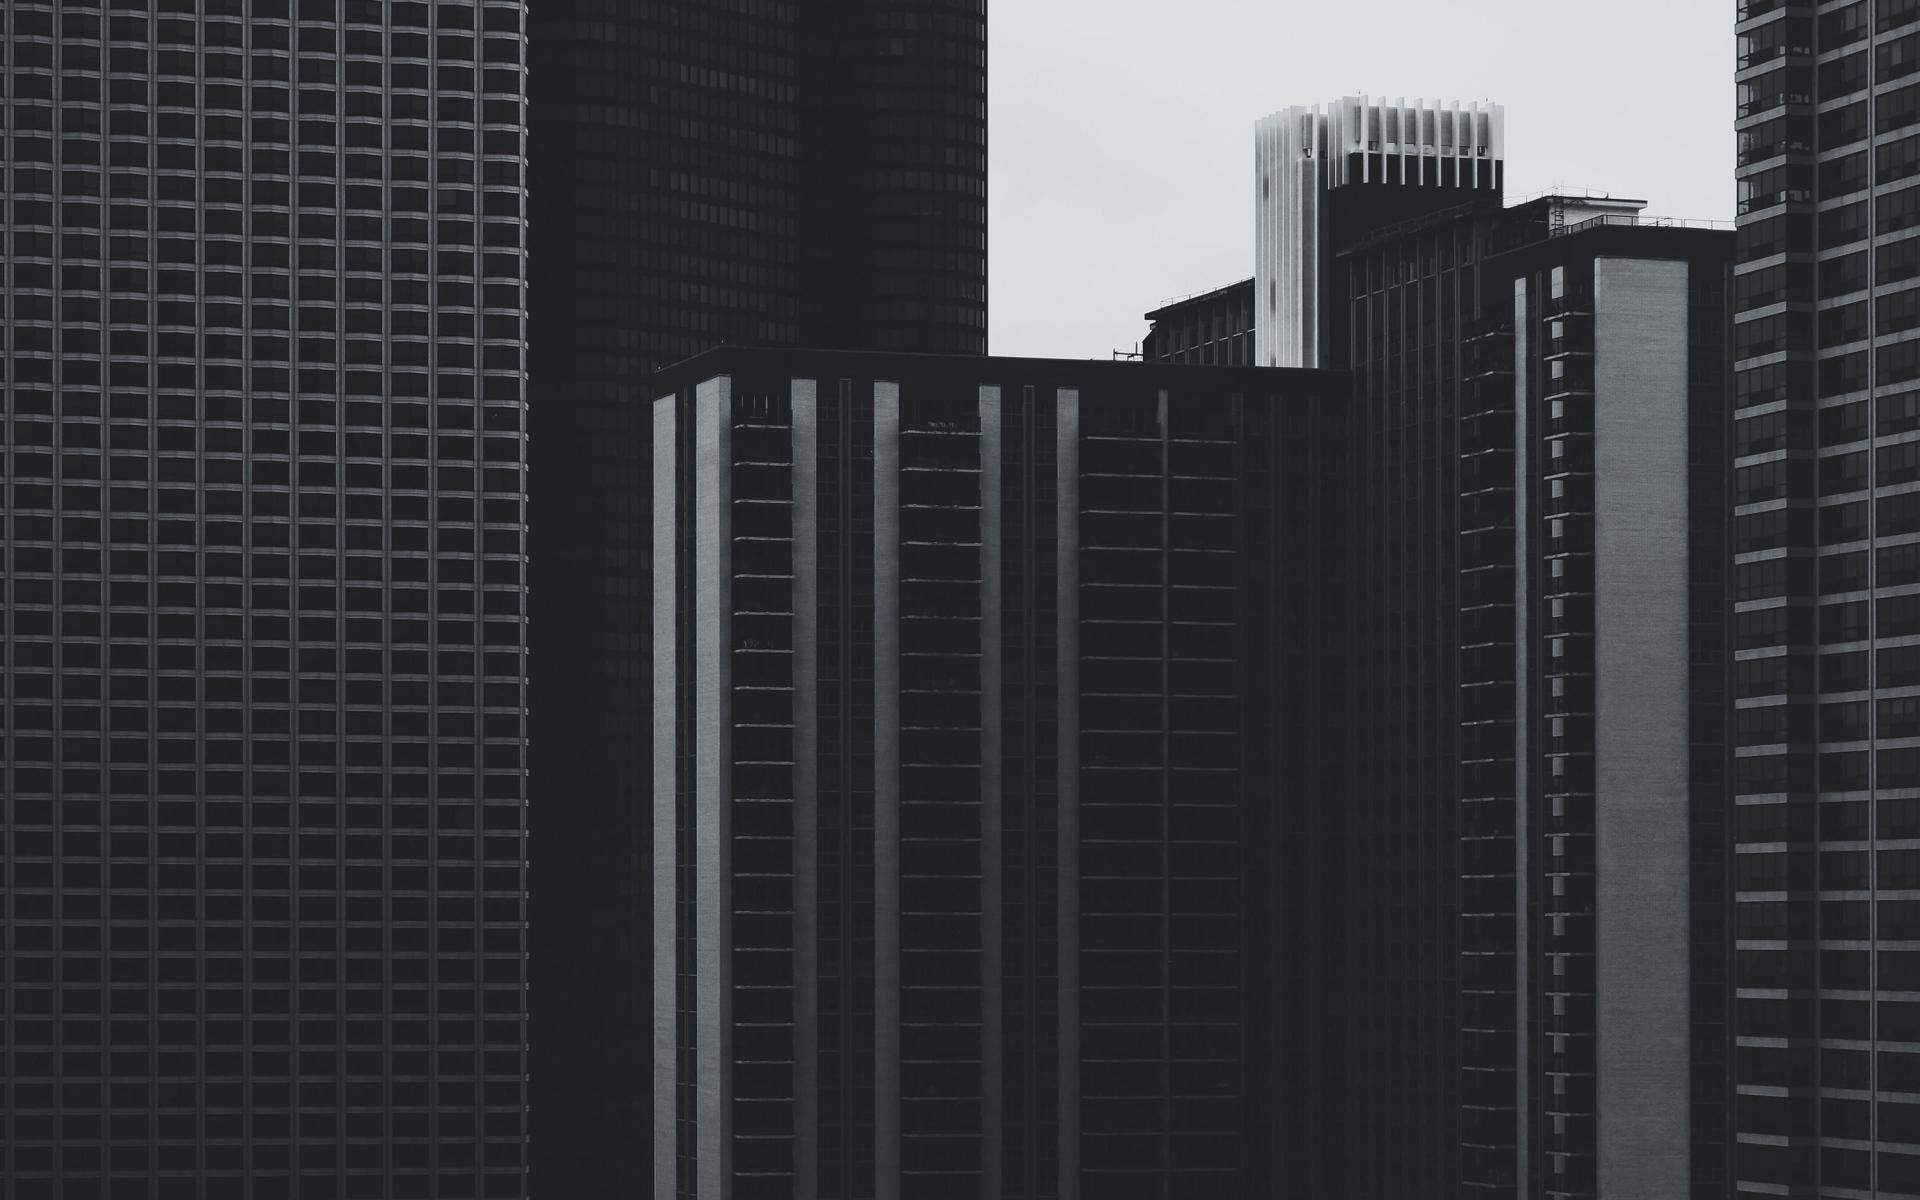 Картинки Небоскребы, здания, высотные, bw фото и обои на рабочий стол